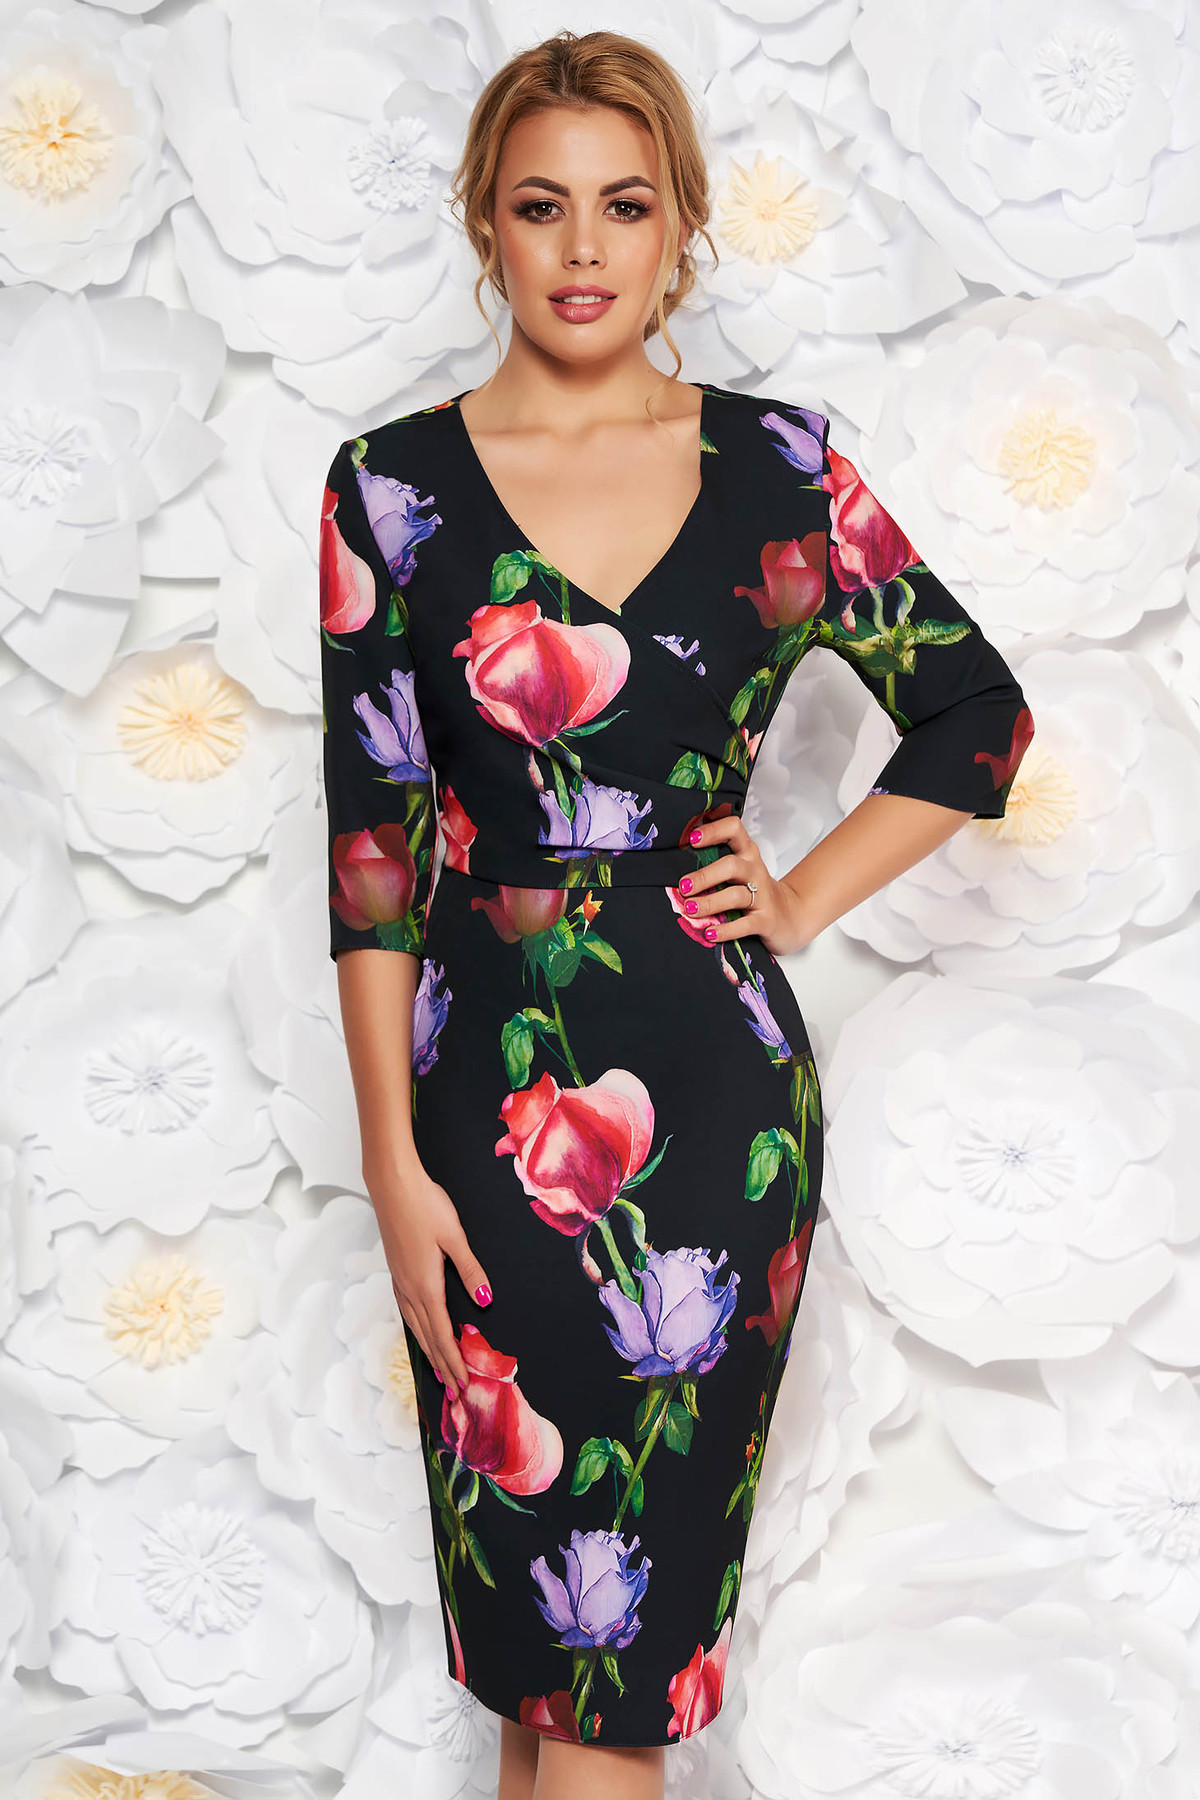 Rochie neagra eleganta tip creion cu decolteu in v din material fin la atingere cu imprimeuri florale